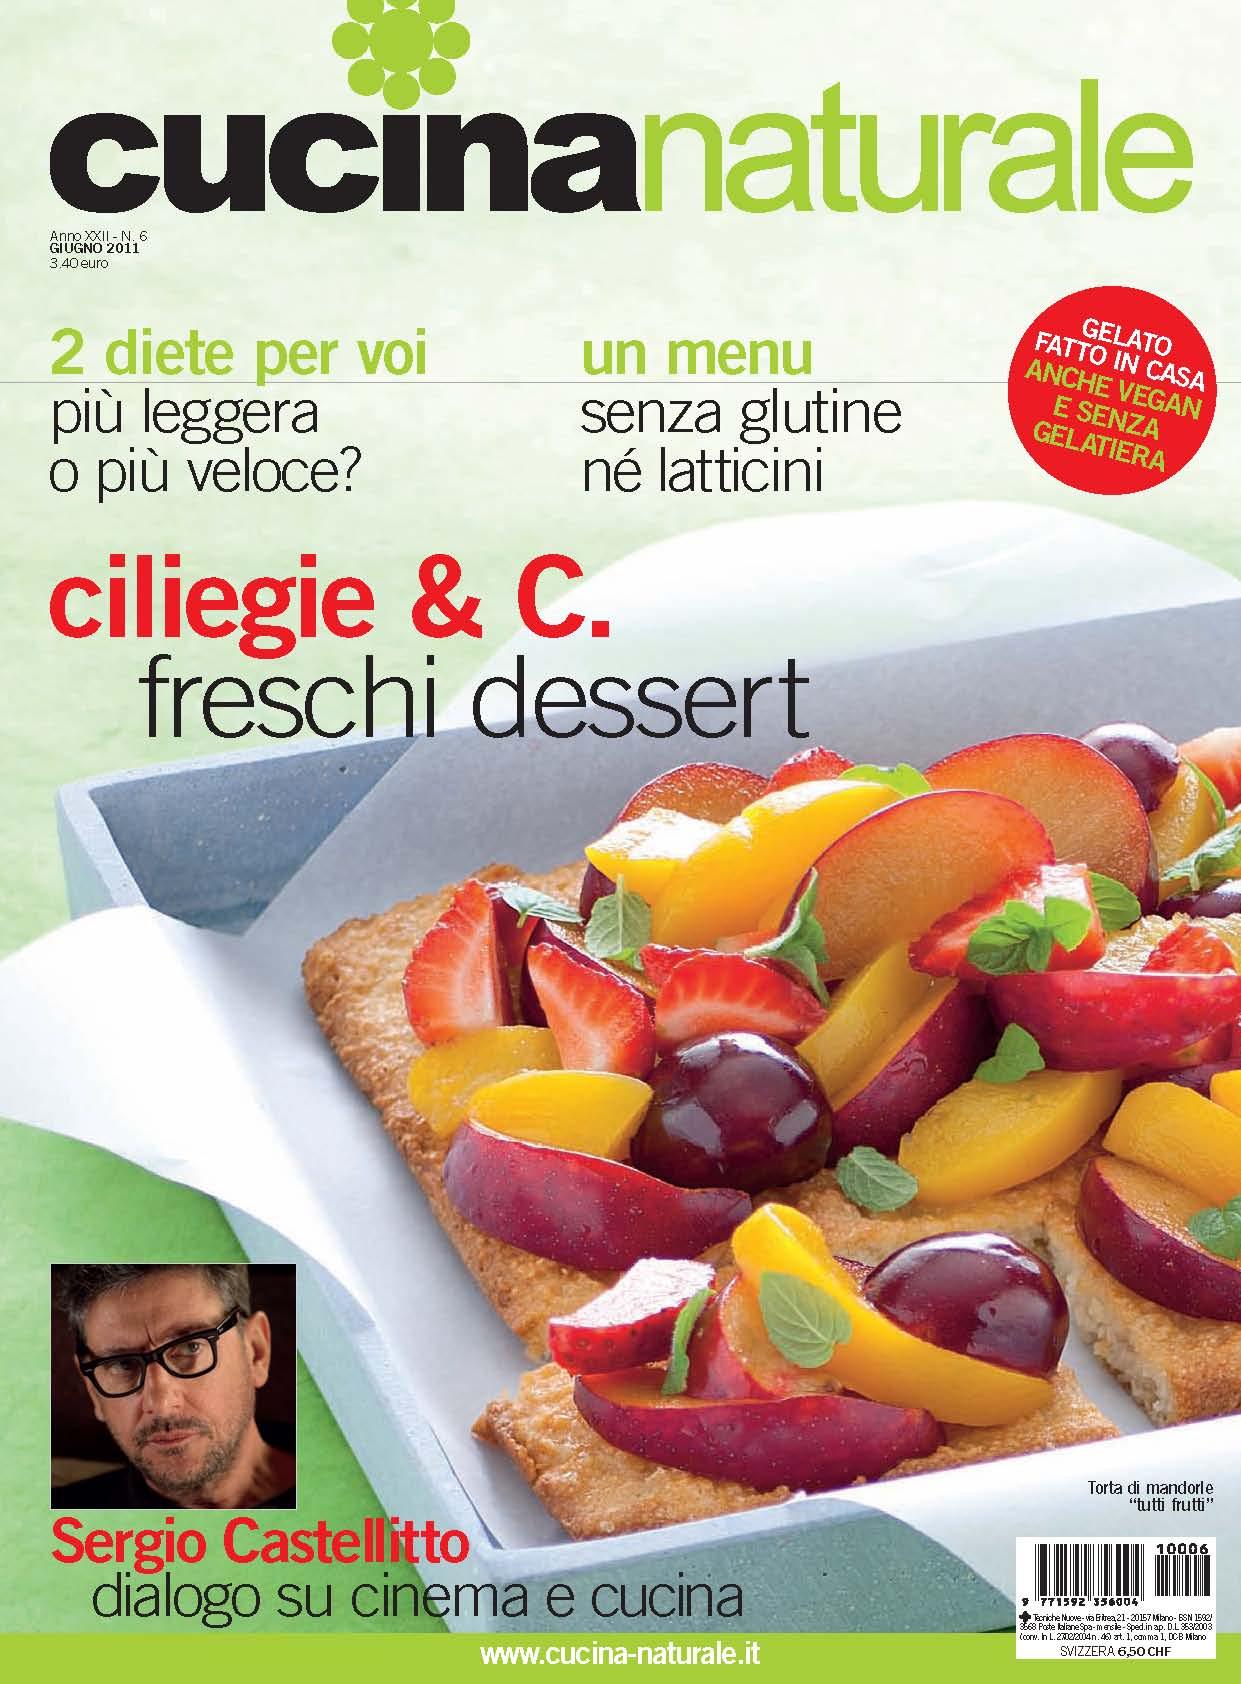 Cucina Naturale di giugno: piatti freschi e crudi, menu senza glutine, cucinare con il wok, arancini, dessert di frutta, gelato fatto in casa